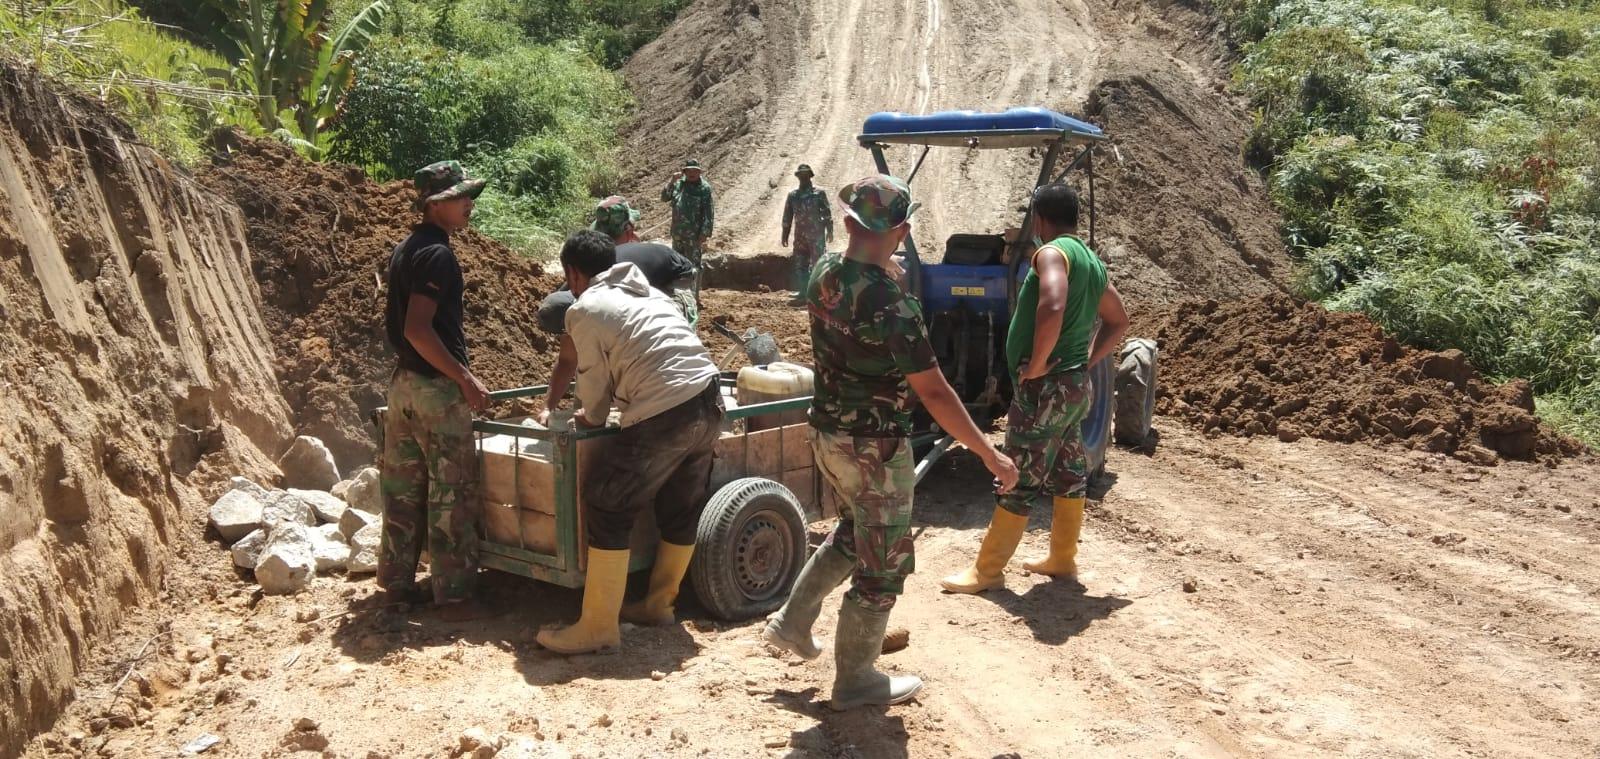 TNI Membantu Pemda Dalam Pembangunan di Wilayah Pakpak BharatTNI Membantu Pemda Dalam Pembangunan di Wilayah Pakpak Bharat